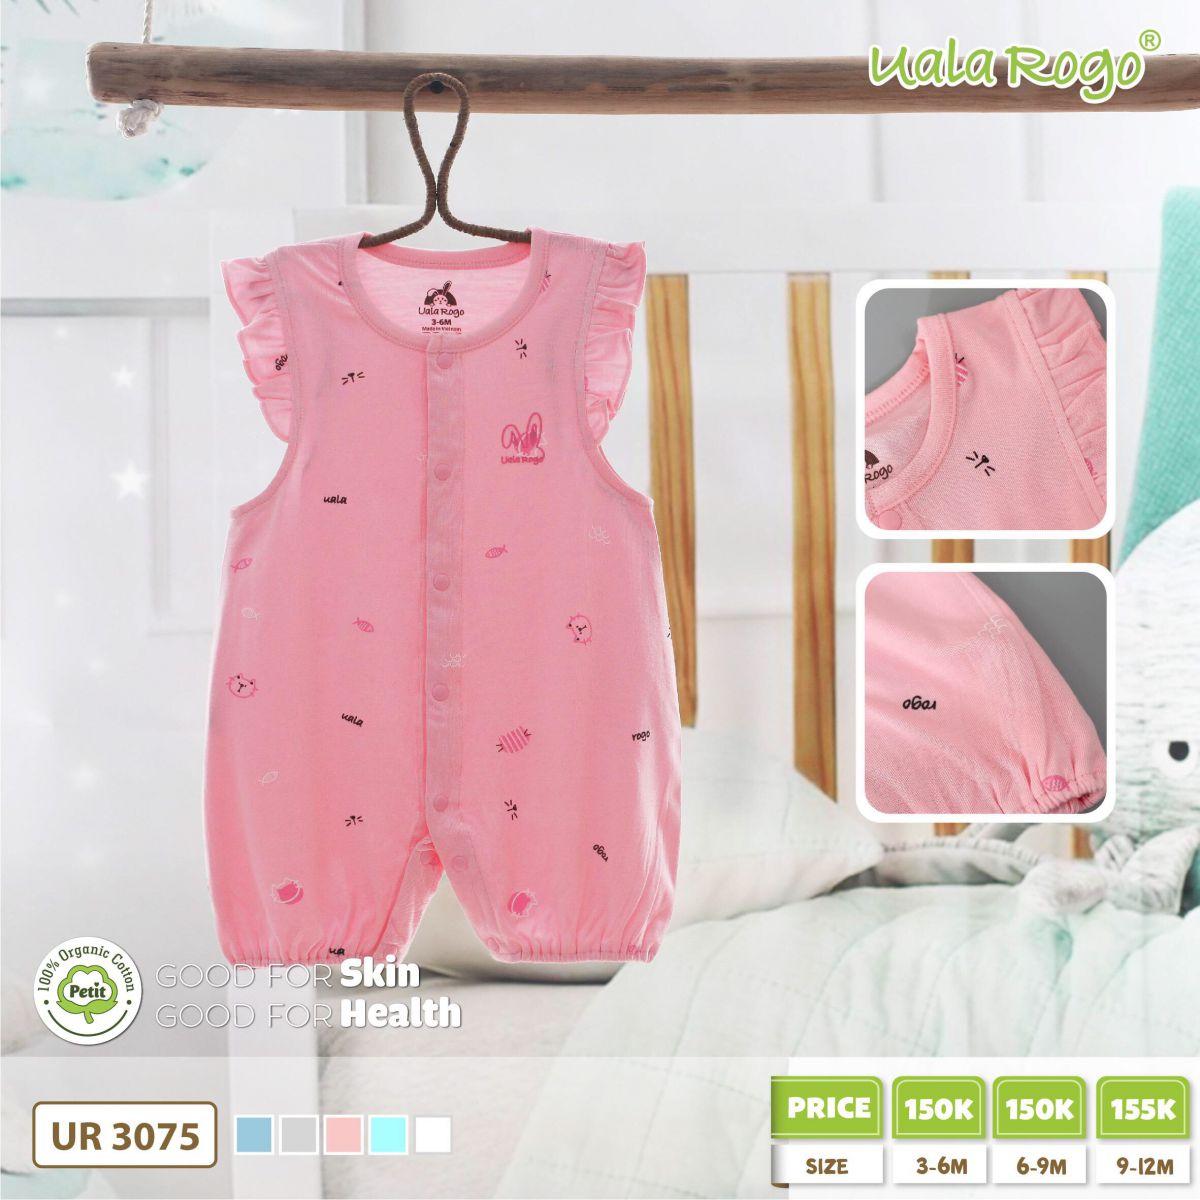 UR3075.3 - Body cộc tay nút giữa cho bé vải petit - Màu hồng